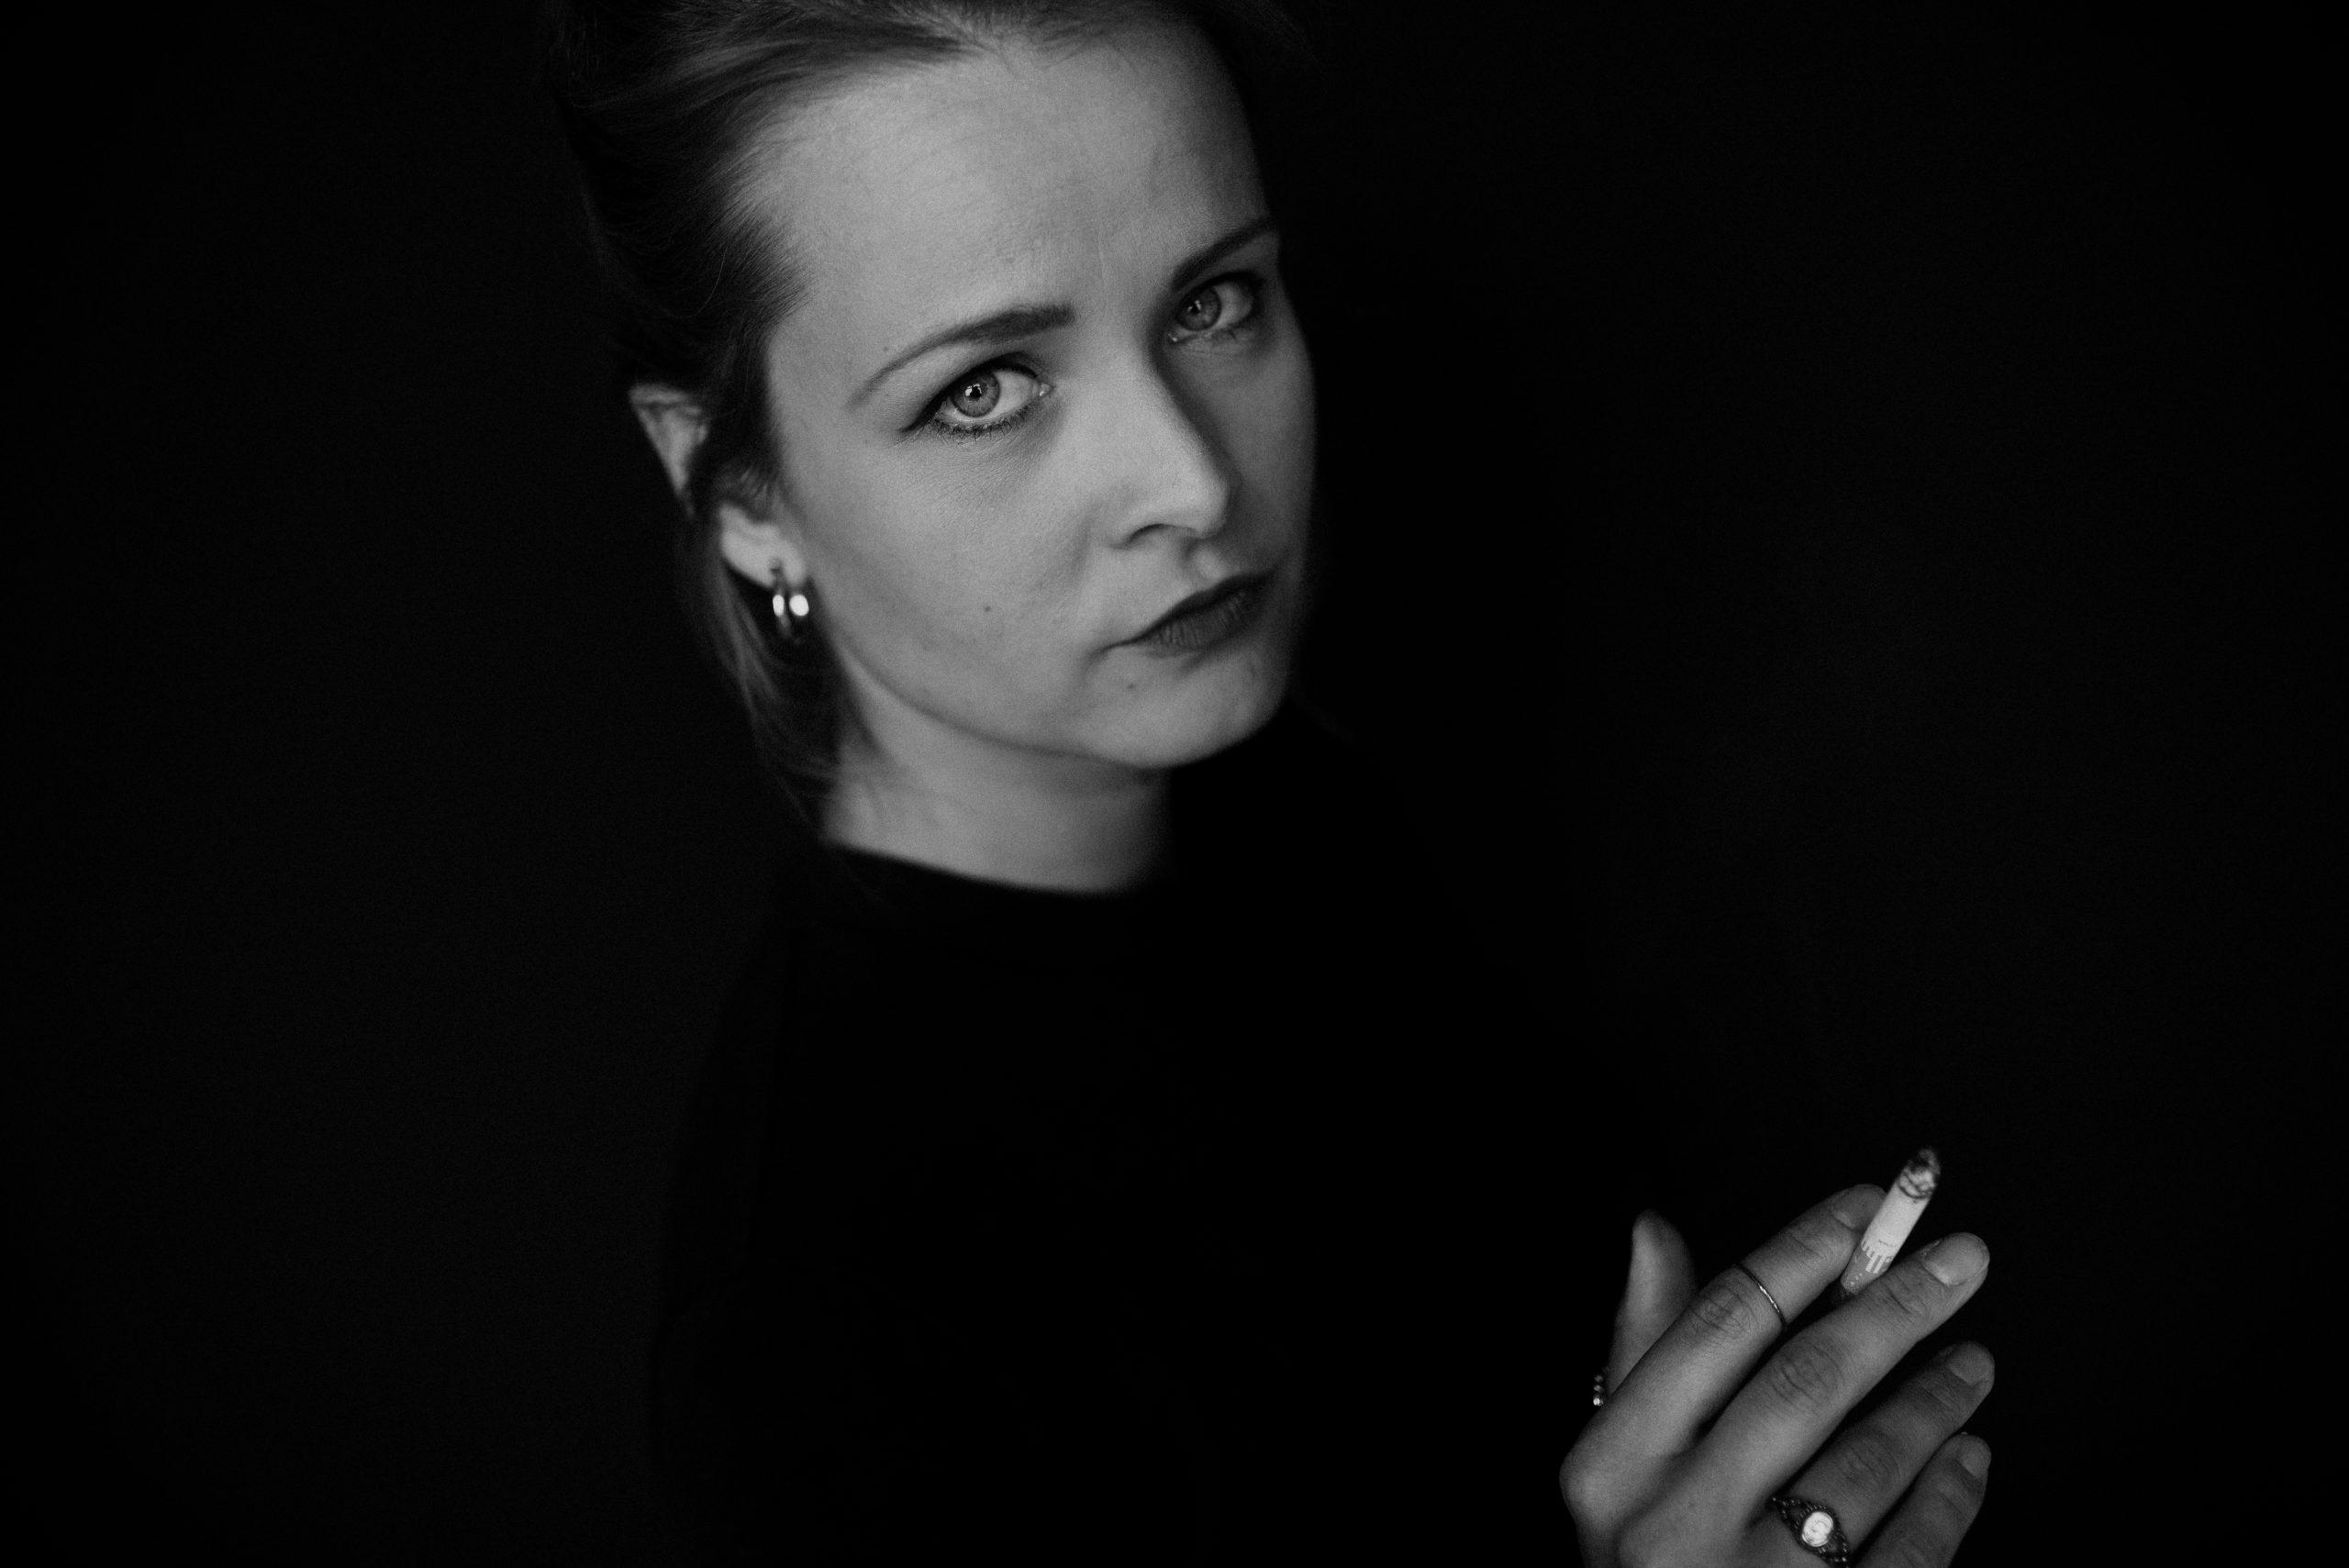 Frau mit Zigarette in der Hand